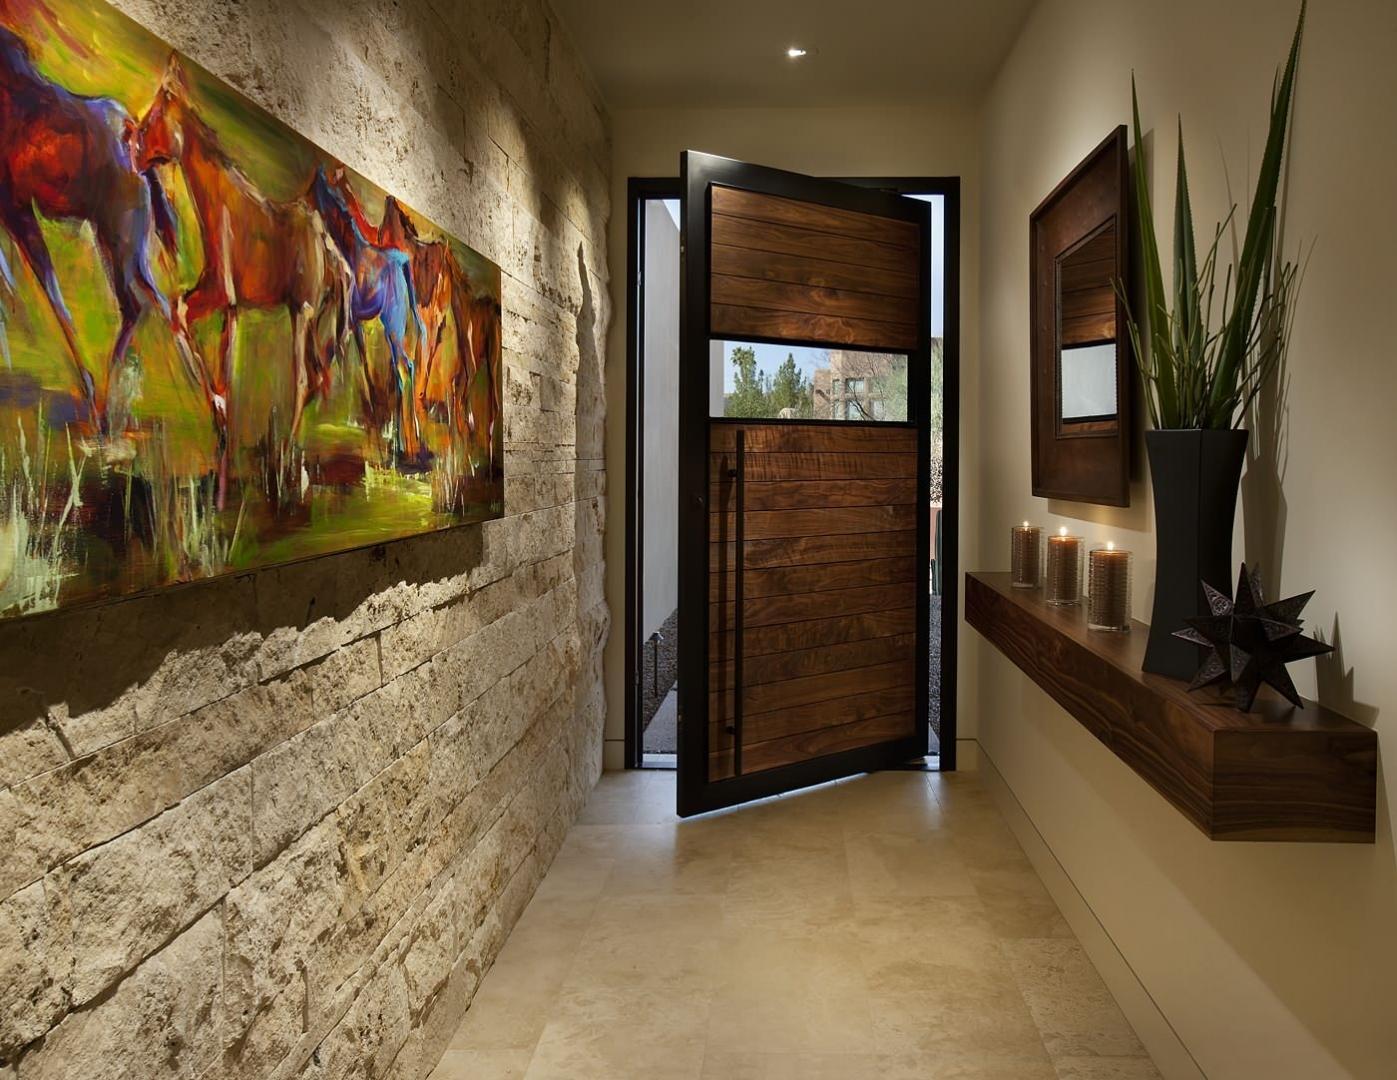 блокнот декор фотографиями на стенах коридора предусмотрены максимально комфортные